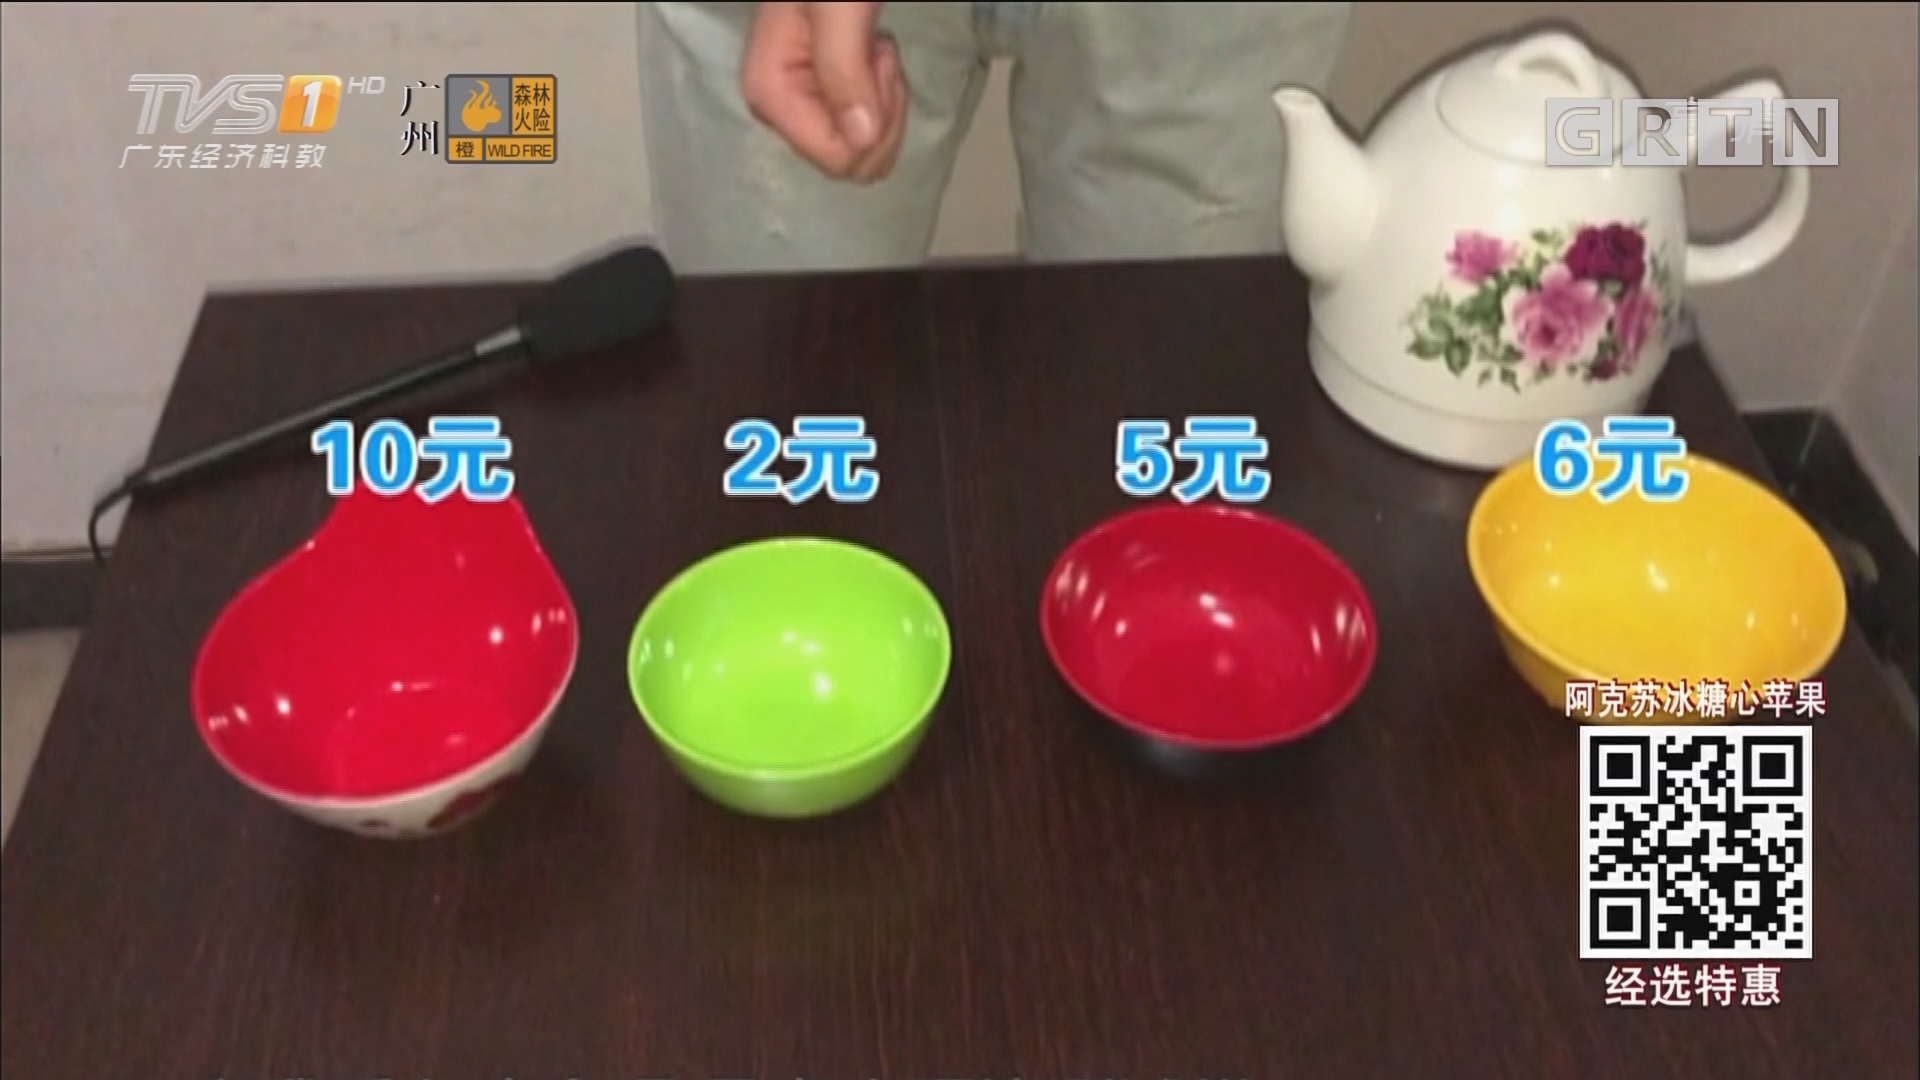 仿瓷餐具 谨防甲醛超标